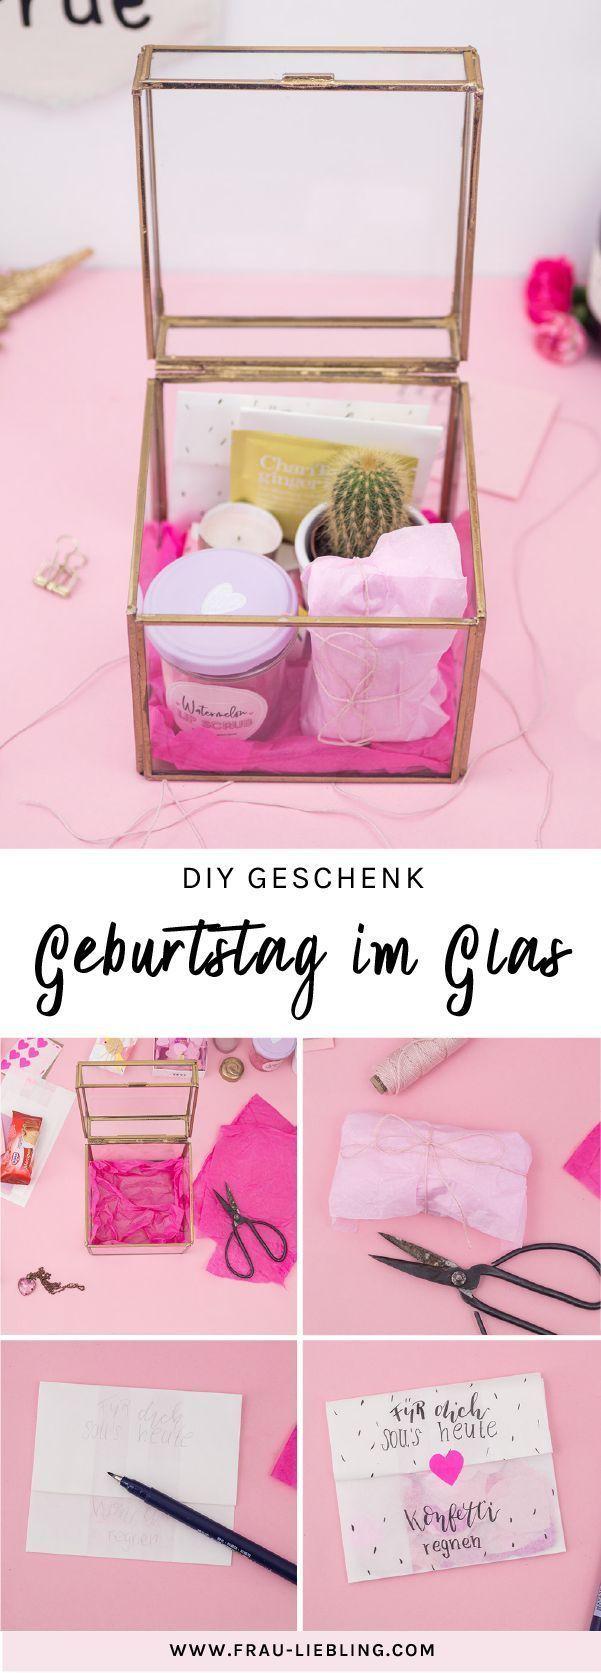 DIY Geschenk: Geburtstag im Glas originell verschenken